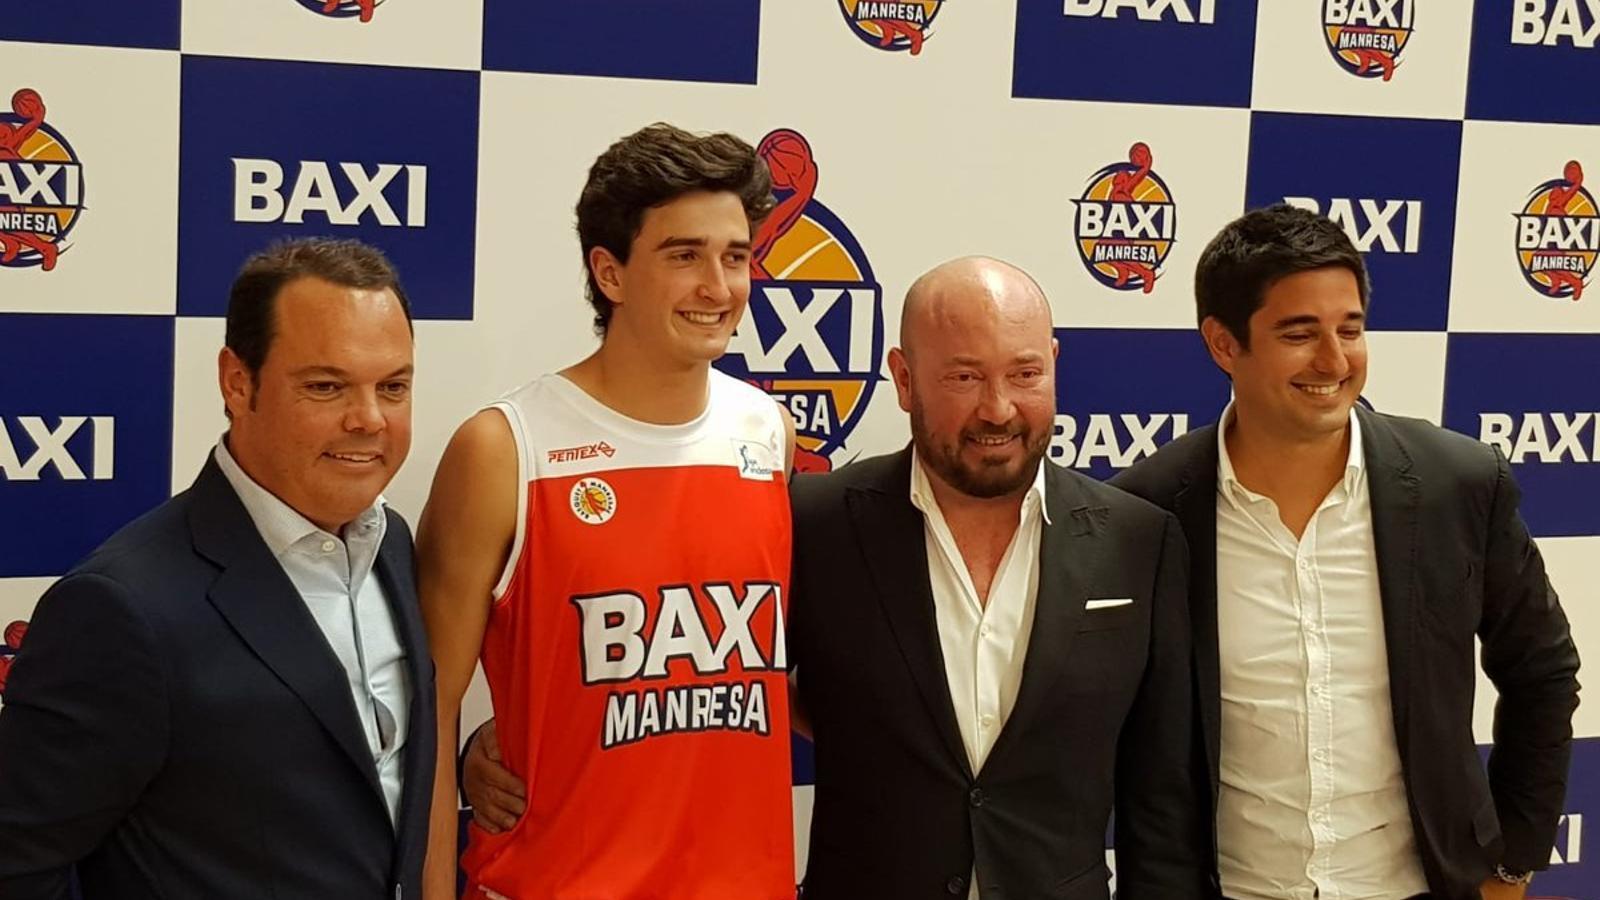 Baxi, nou patrocinador del Bàsquet Manresa